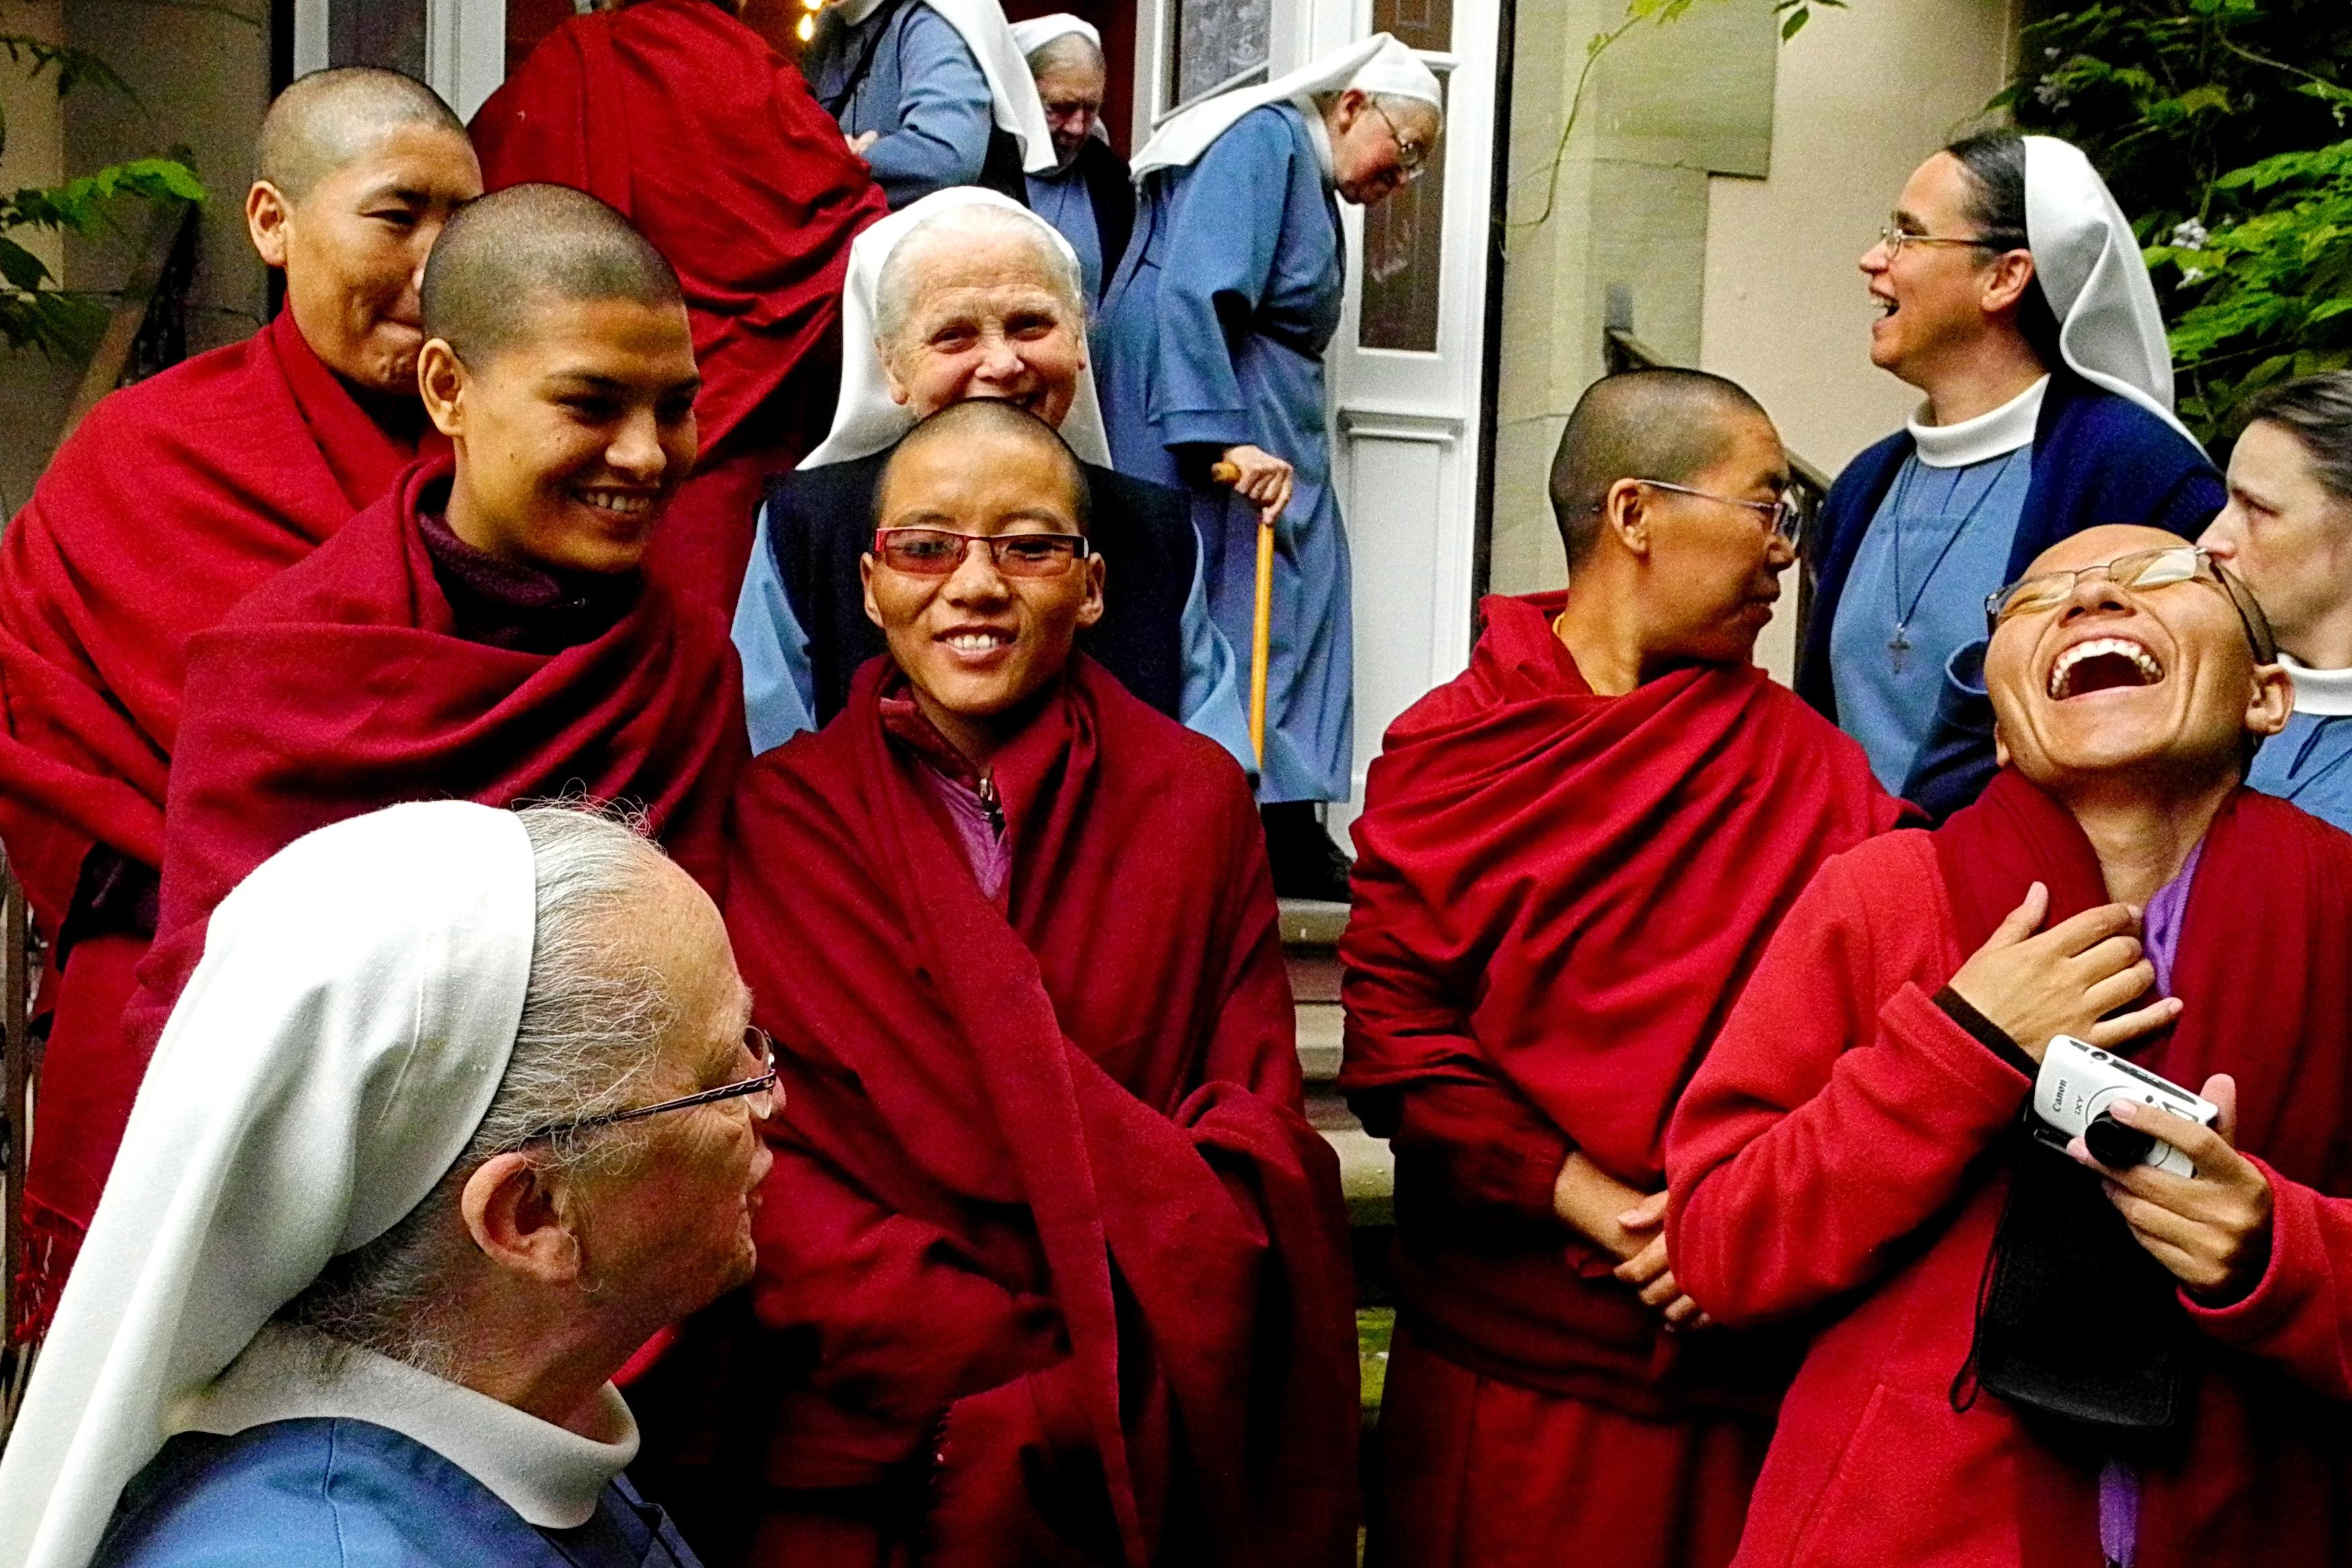 Rencontre des nonnes bouddhistes de Katmandou et des sœurs diaconesses protestantes de Strasbourg